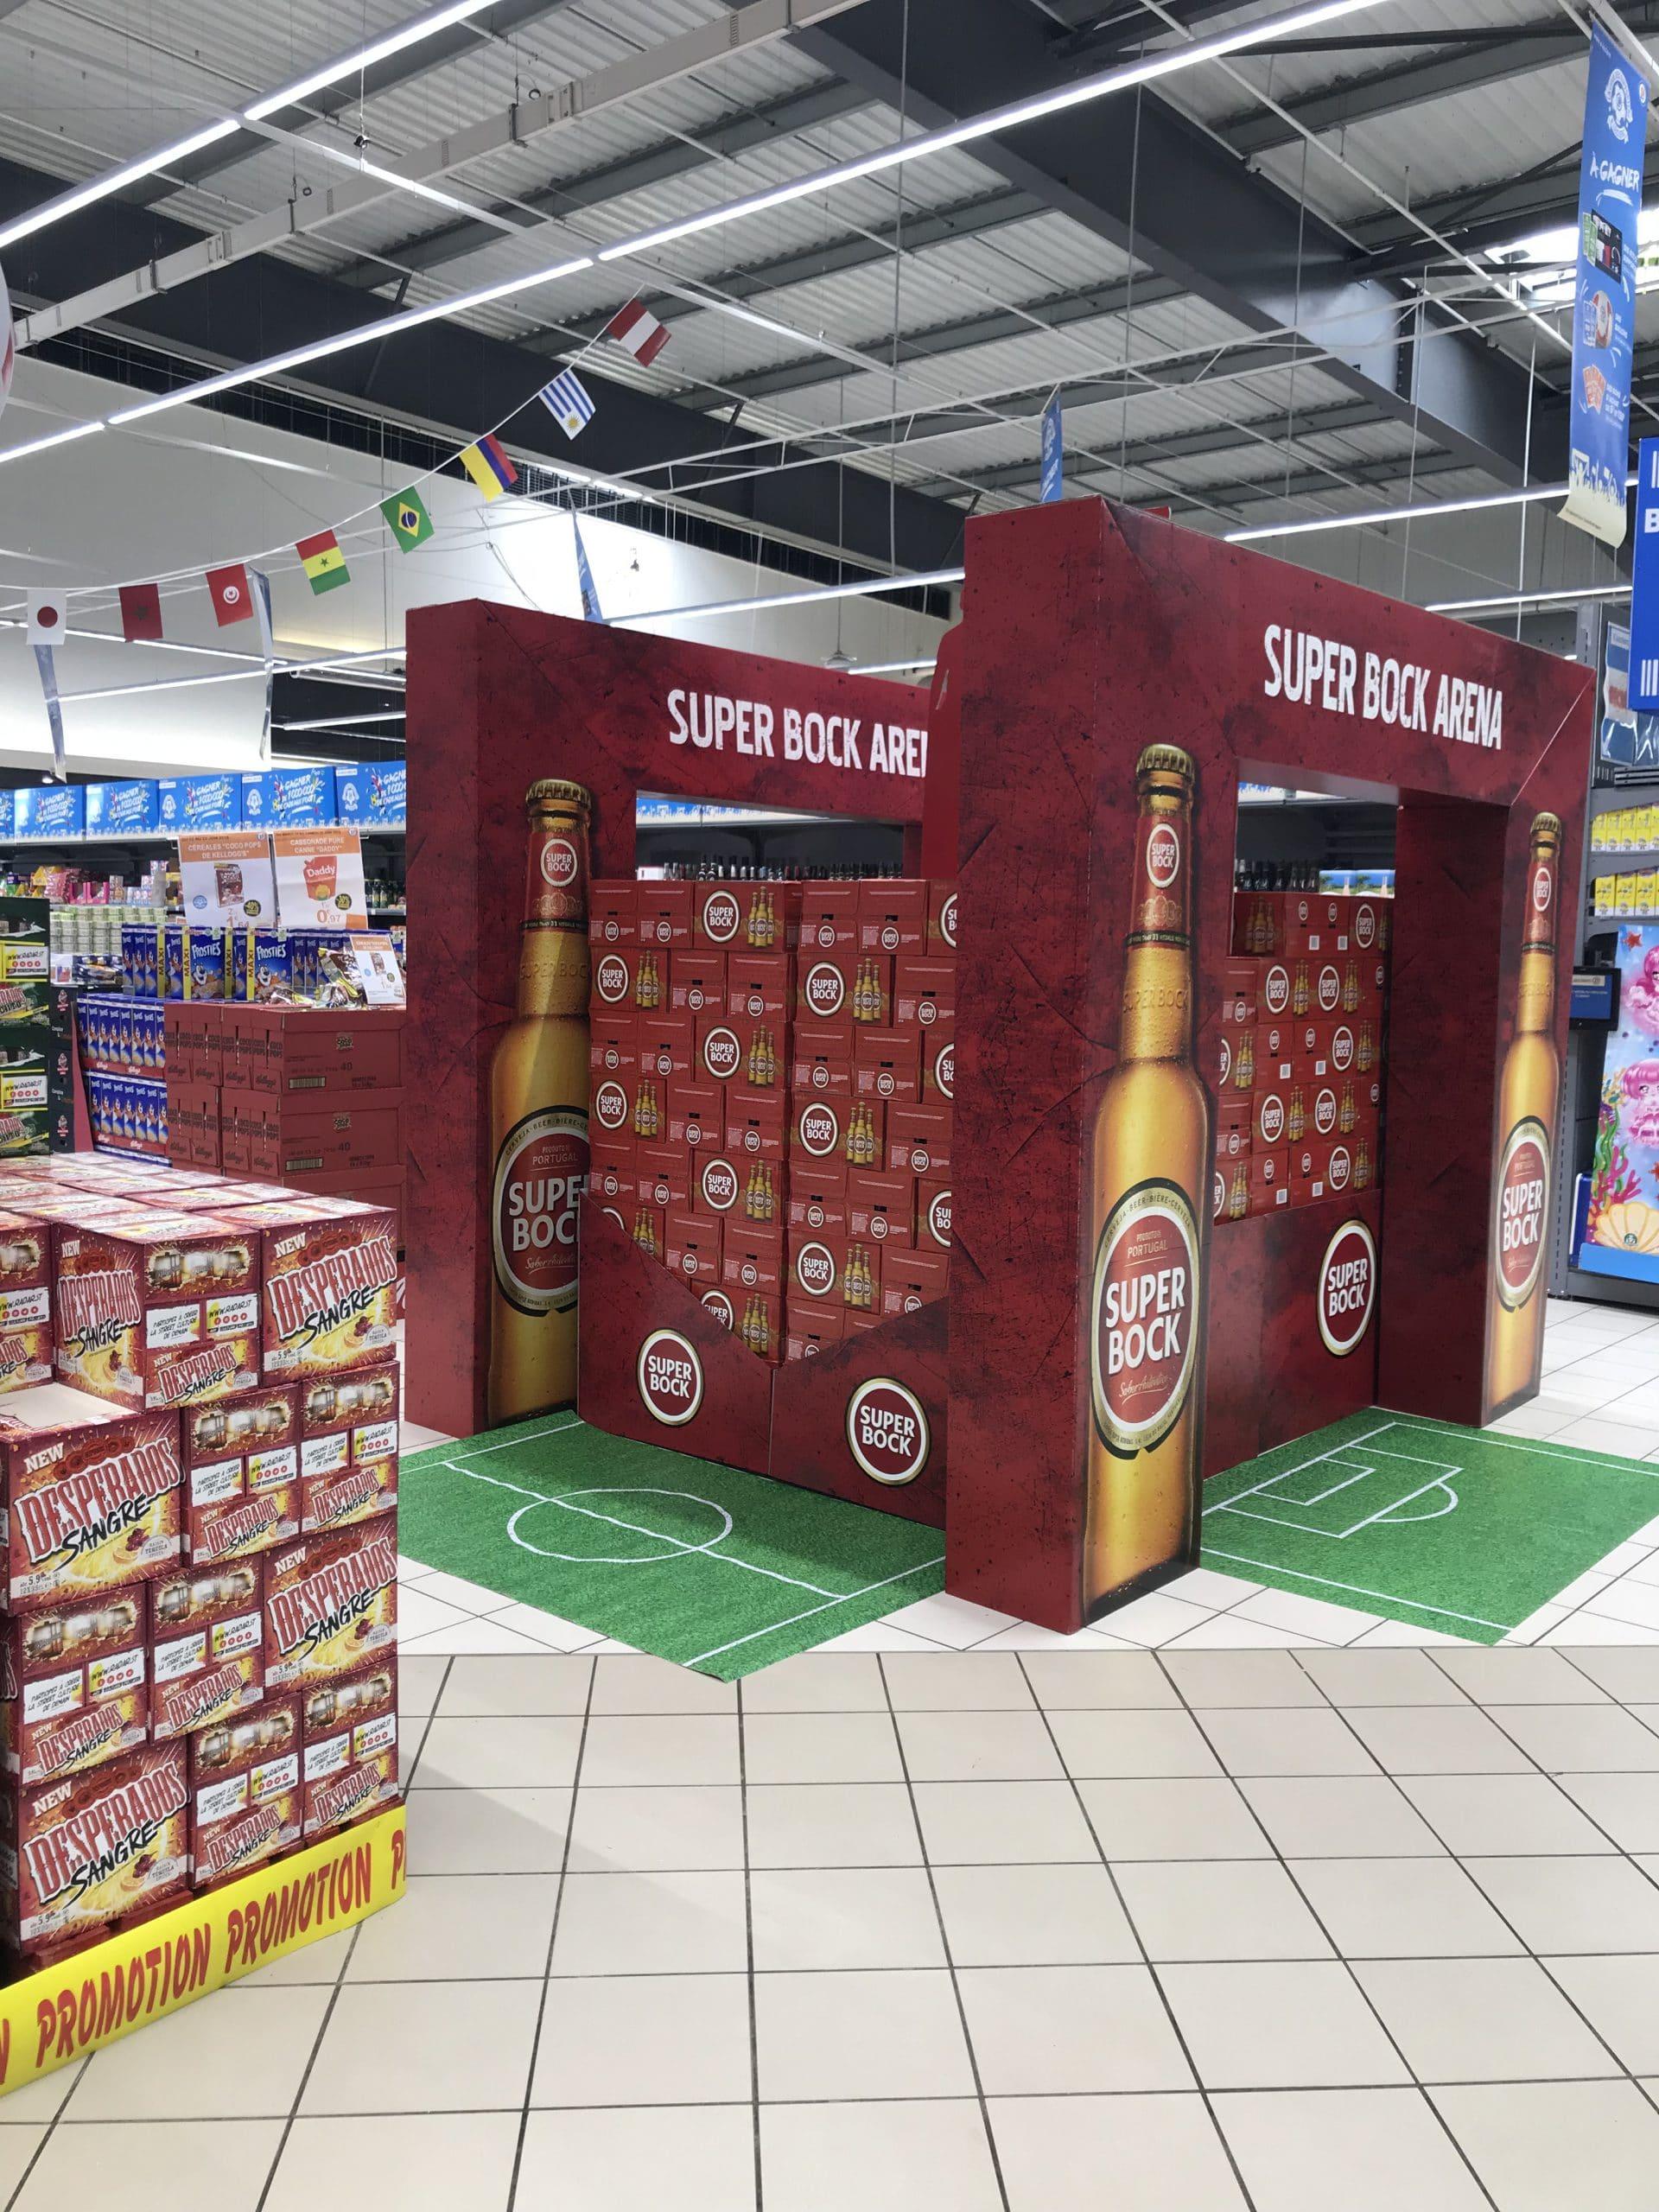 Une action commerciale liée à la coupe du monde de football